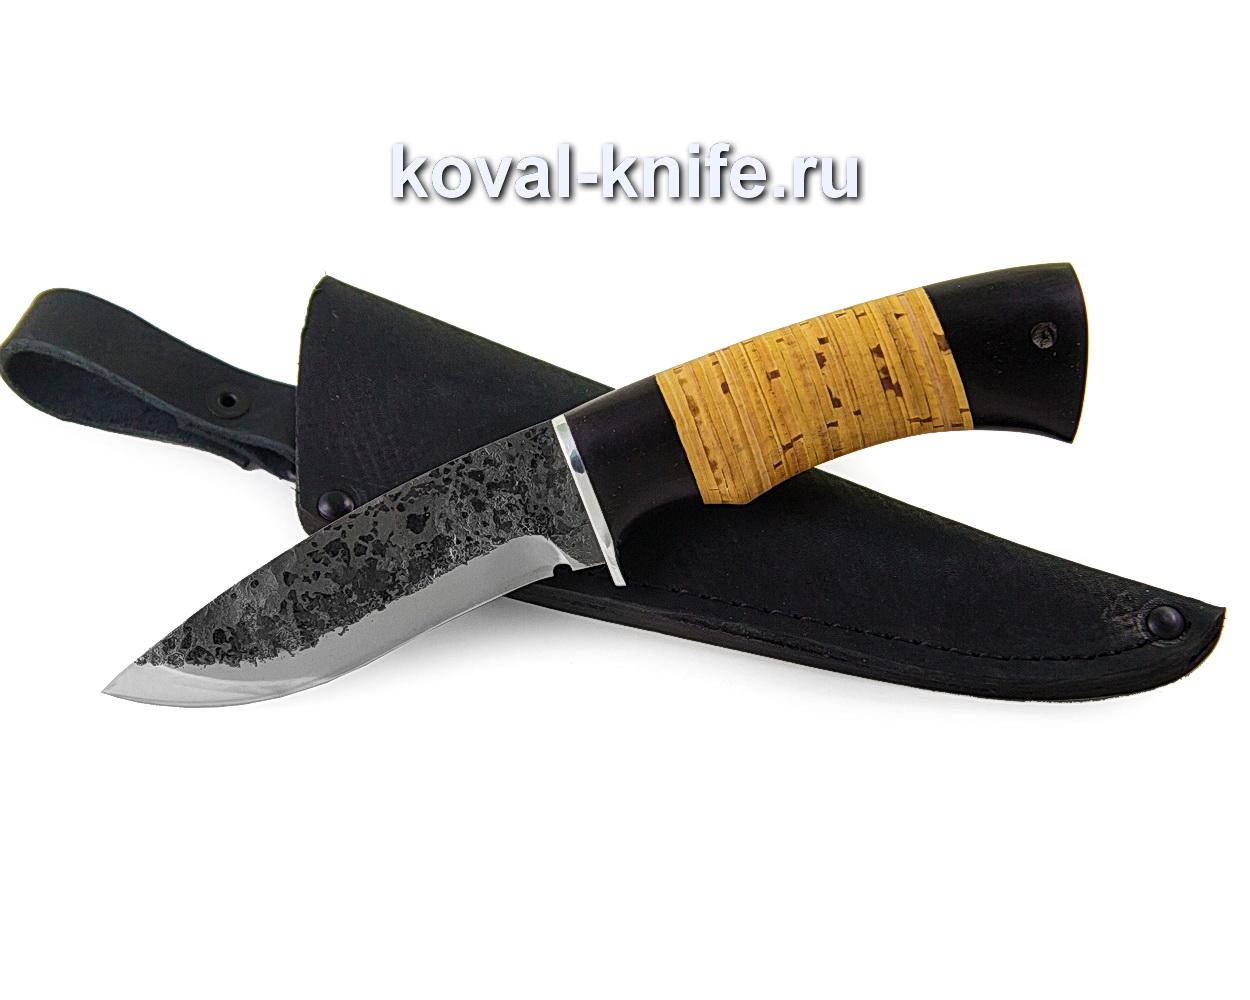 Нож Сапсан из кованой стали 9хс (рукоять береста и граб) A367